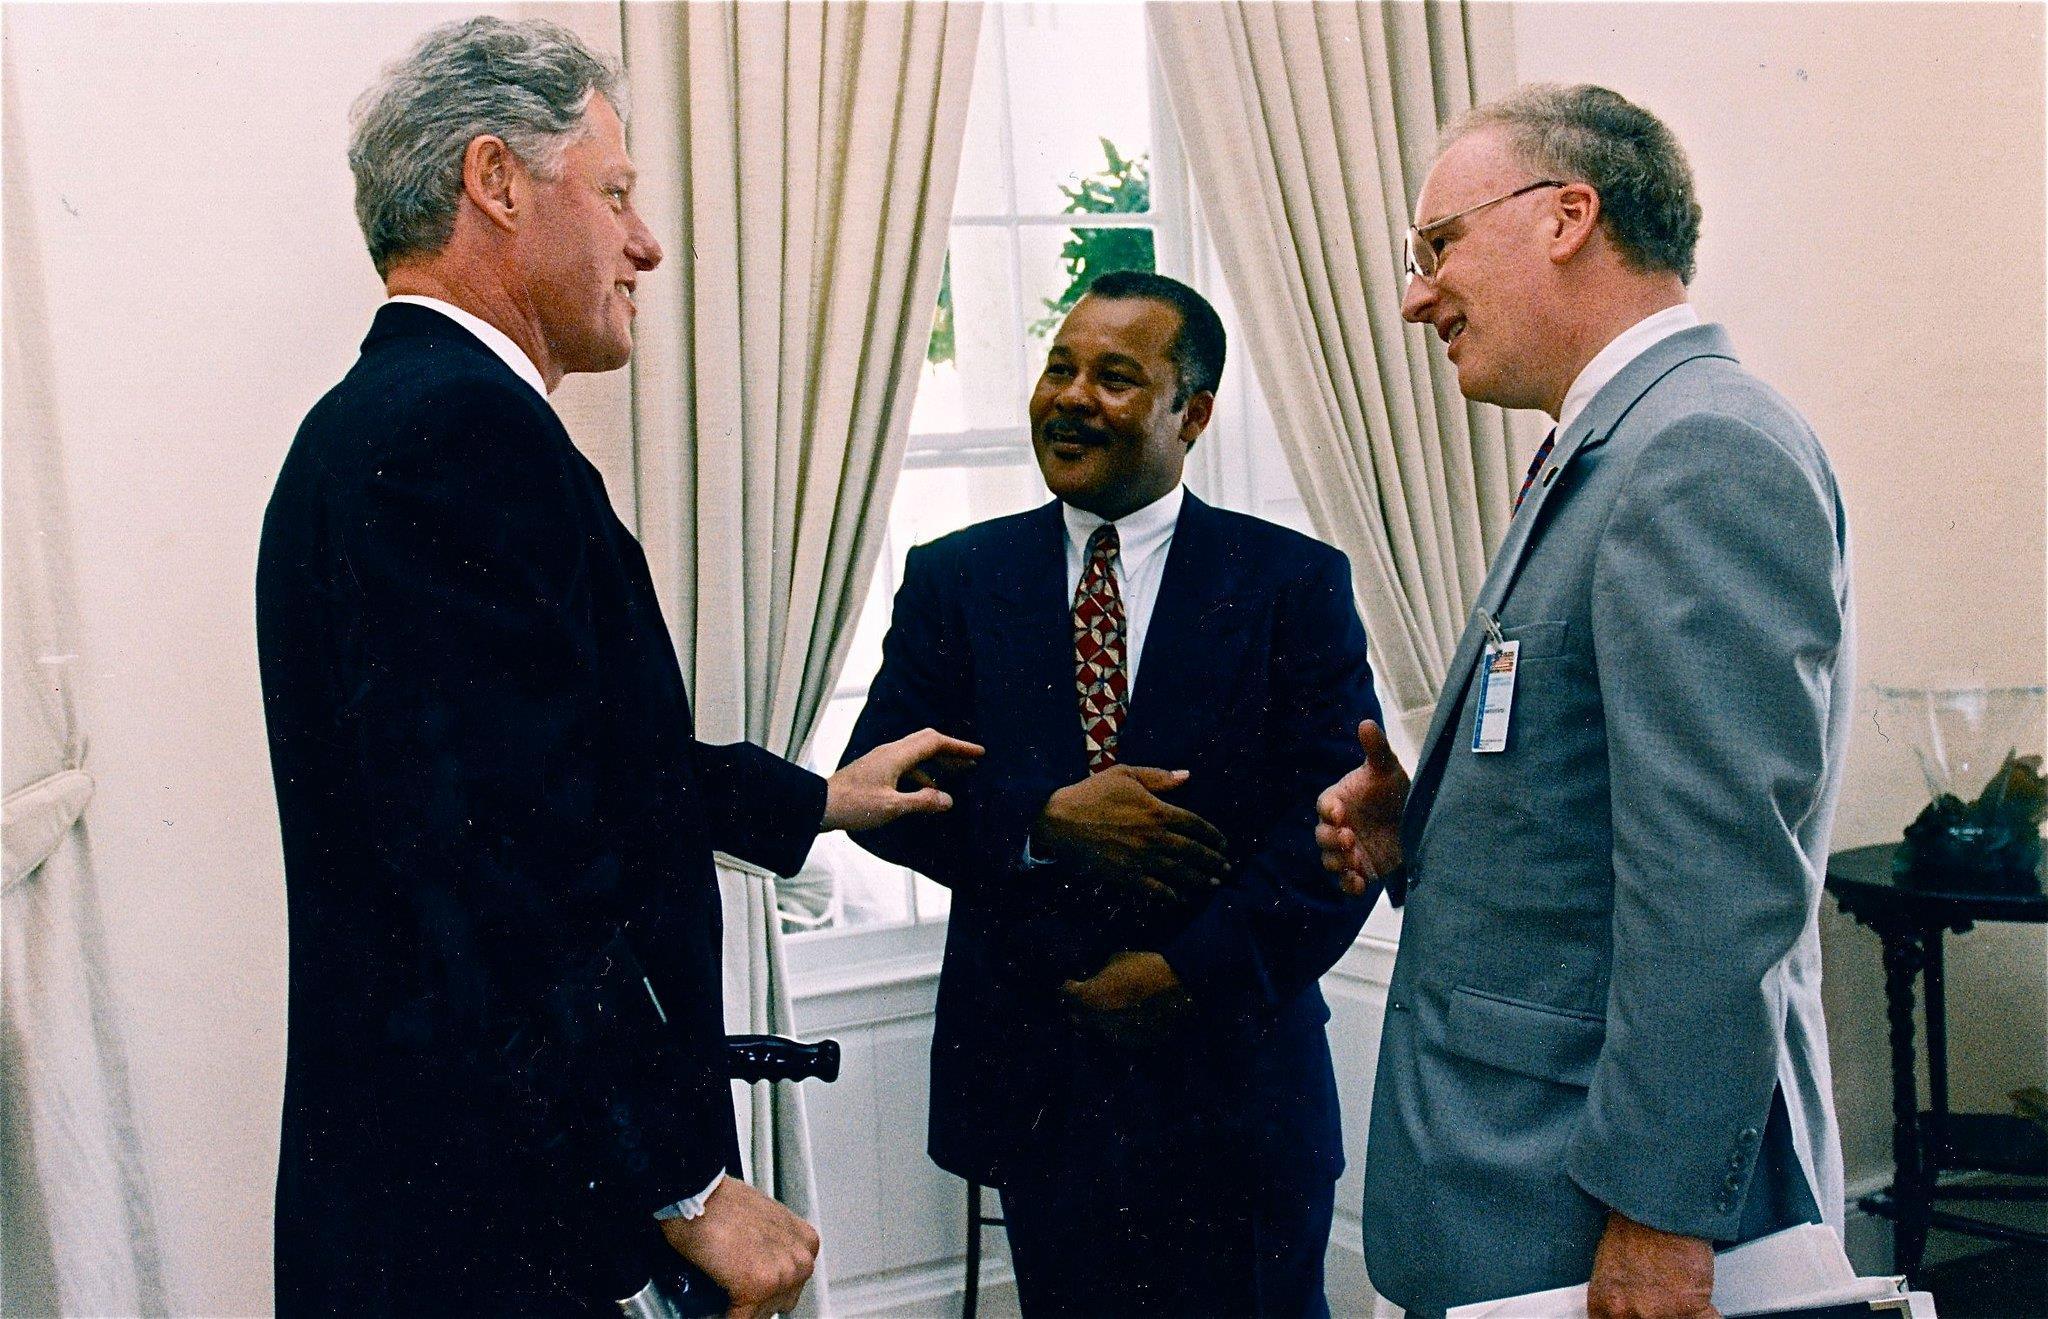 Clarke talking to President Bill Clinton